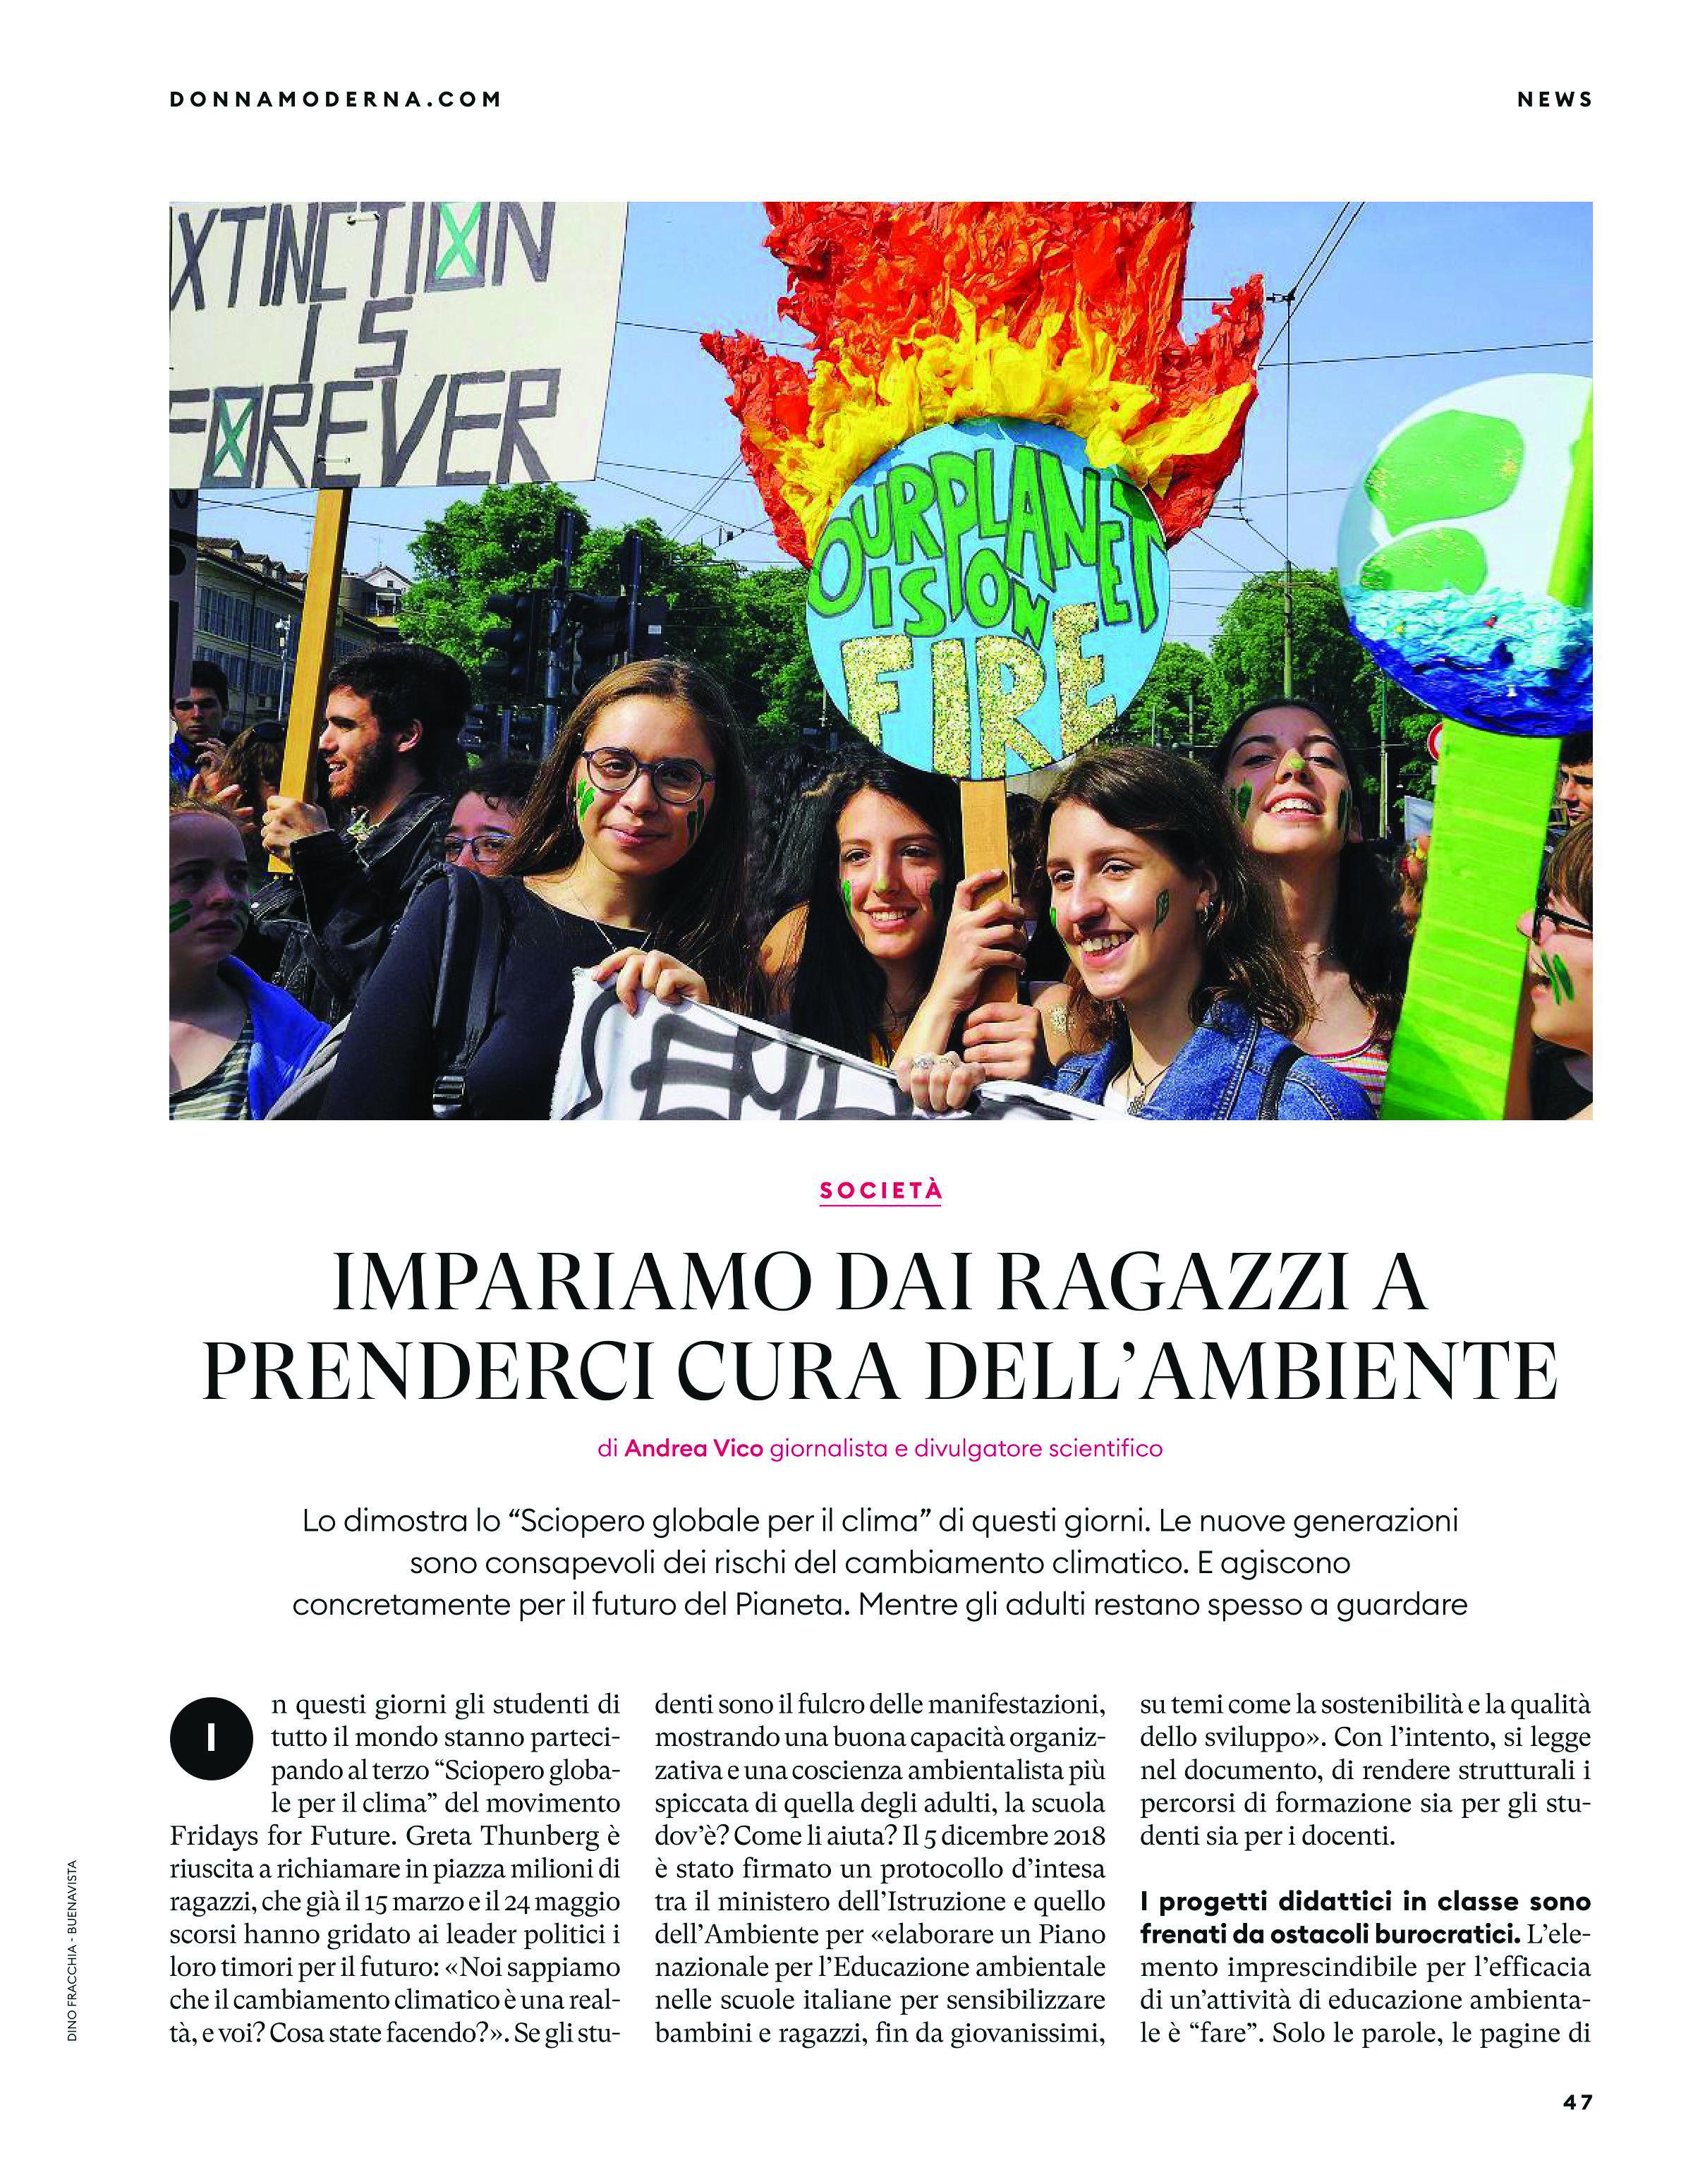 Dino Fracchia su DONNA MODERNA